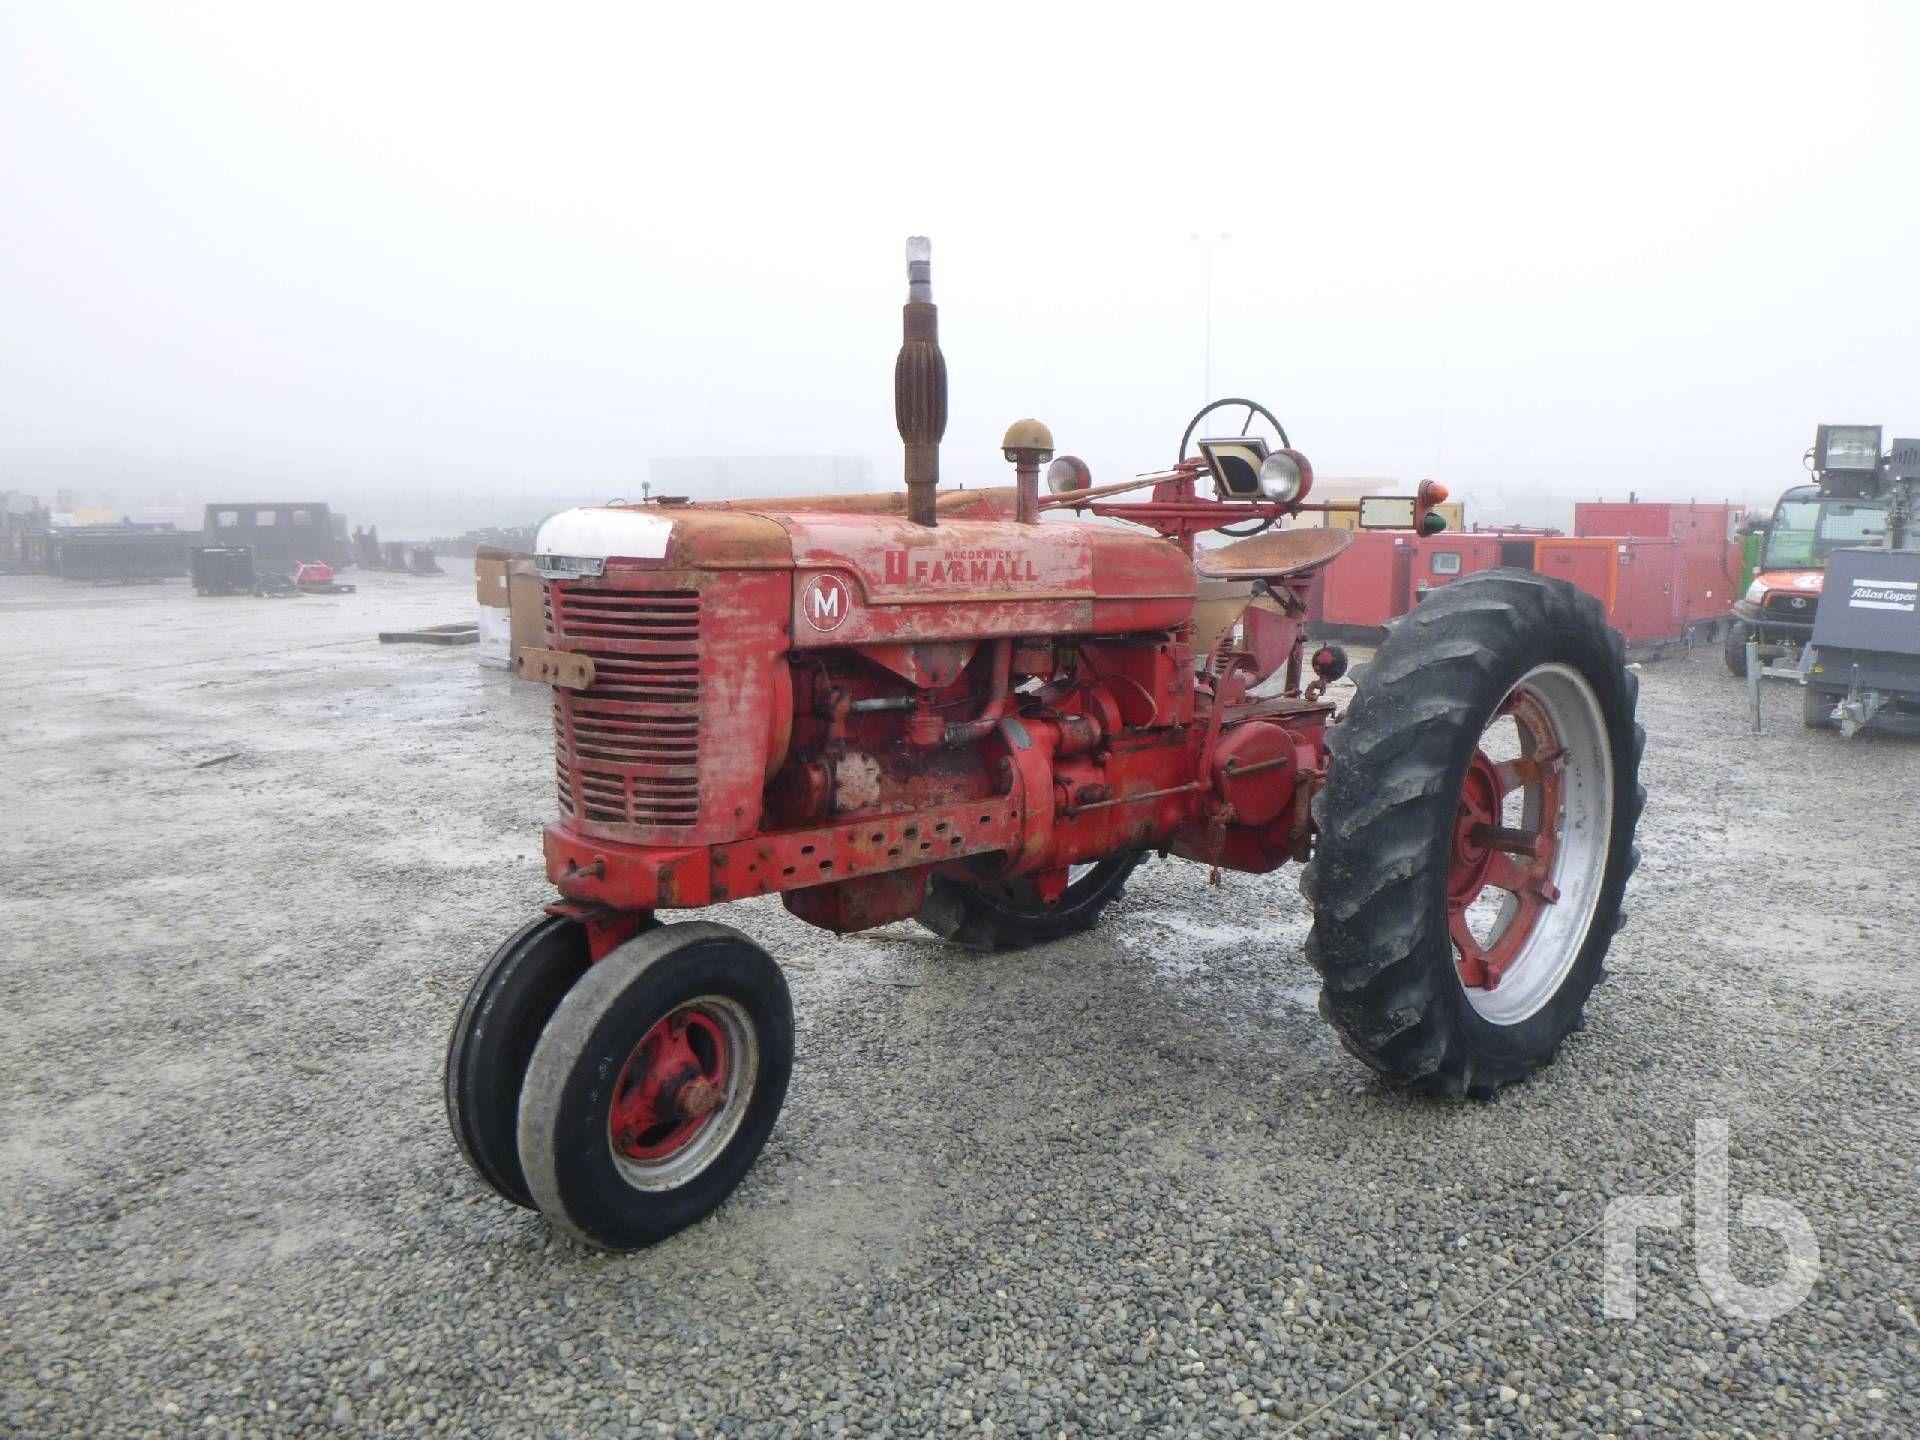 MCCORMICK FARMLAND M Oldtimer Traktor